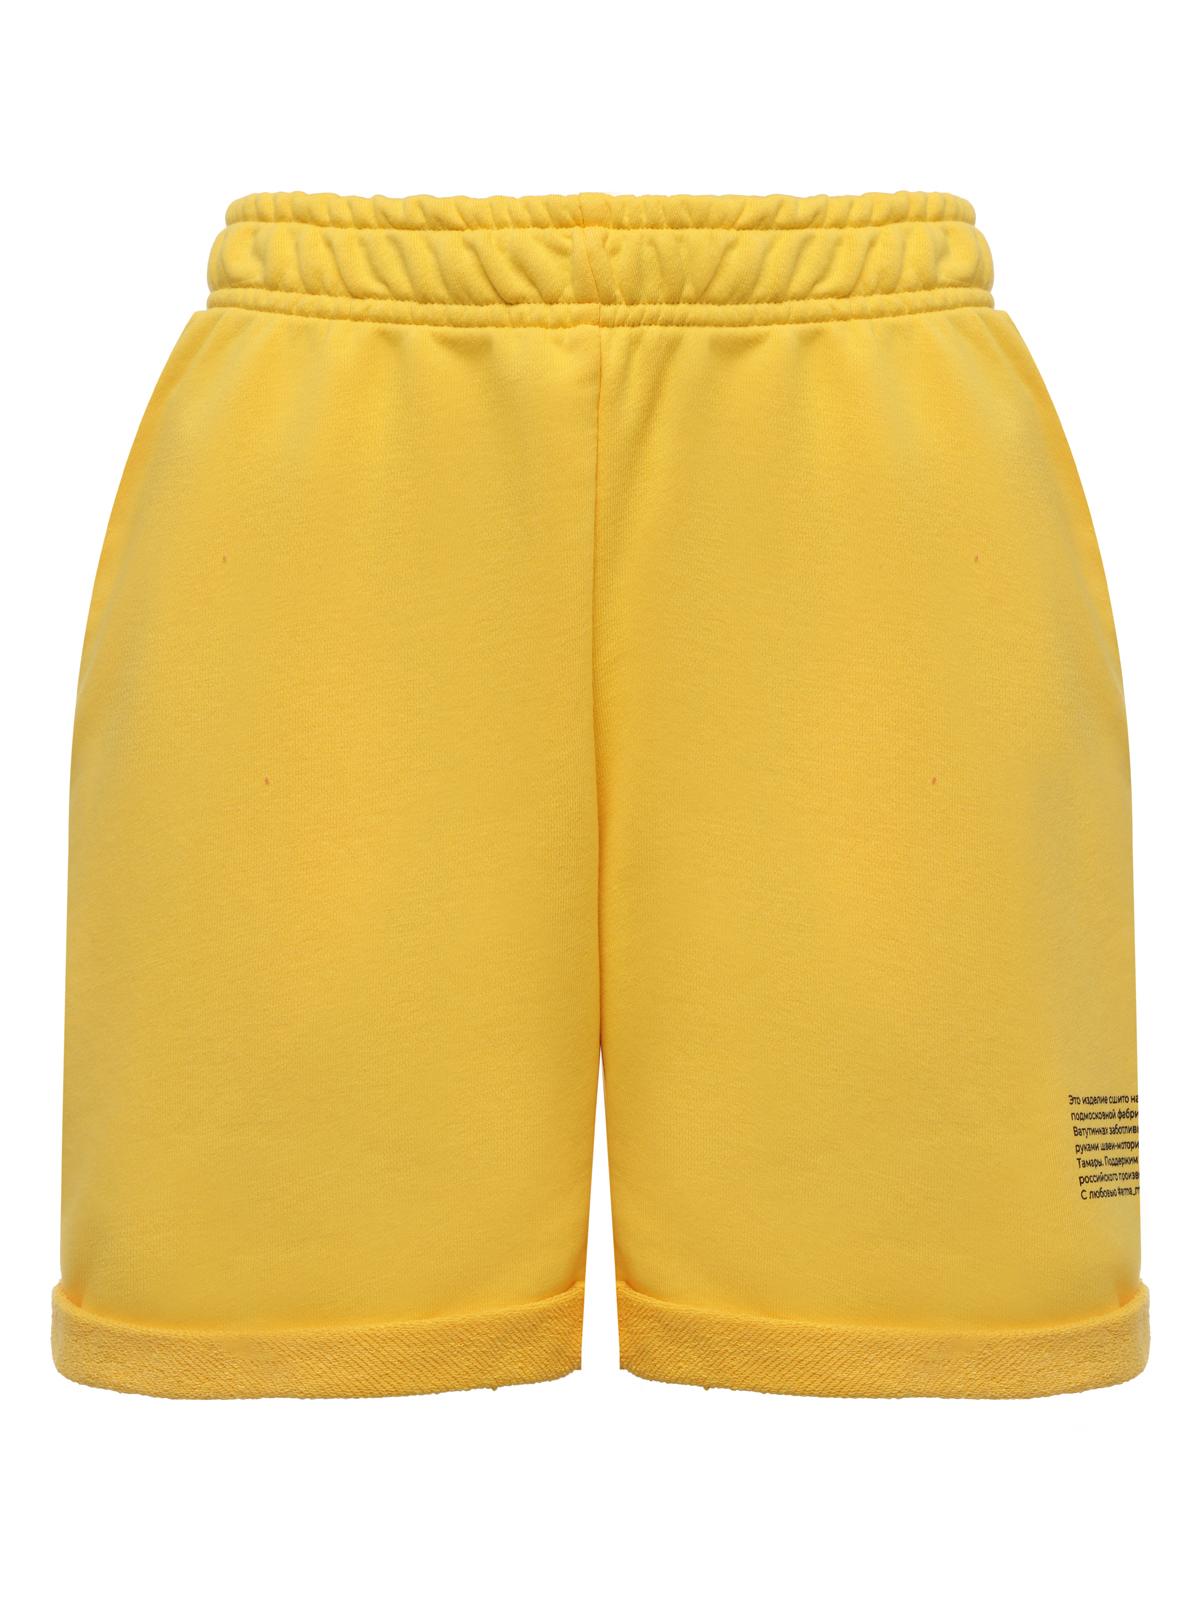 Шорты Желтые (SS0497)